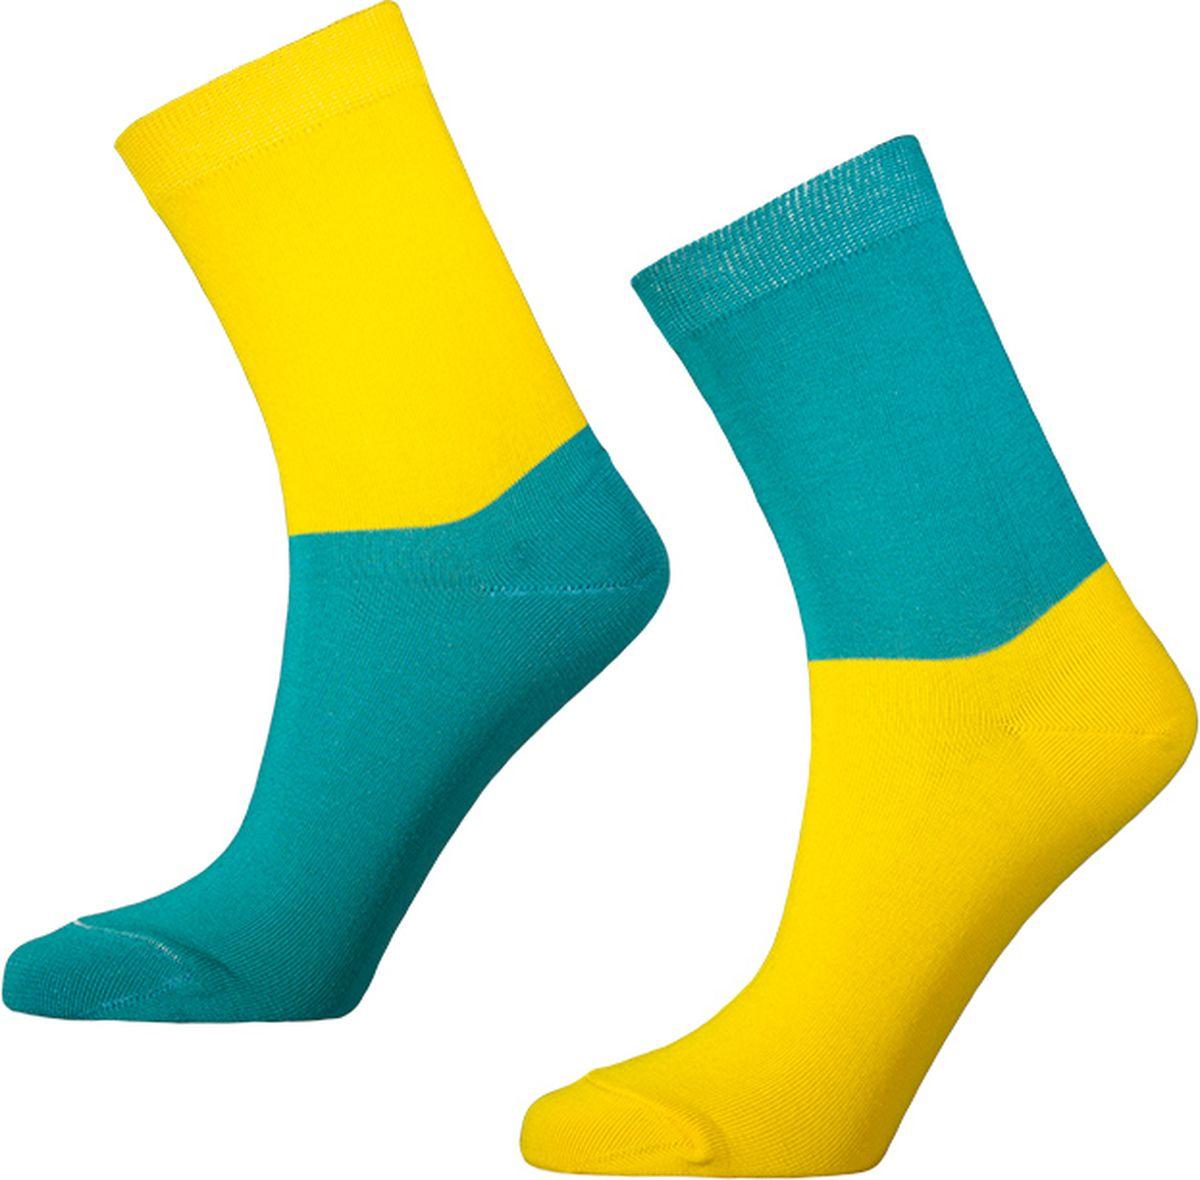 Носки мужские Big Bang Socks, цвет: желтый, бирюзовый, 2 пары. d441. Размер 40/44 big песочница ракушка big sand из 2 частей цвет синий